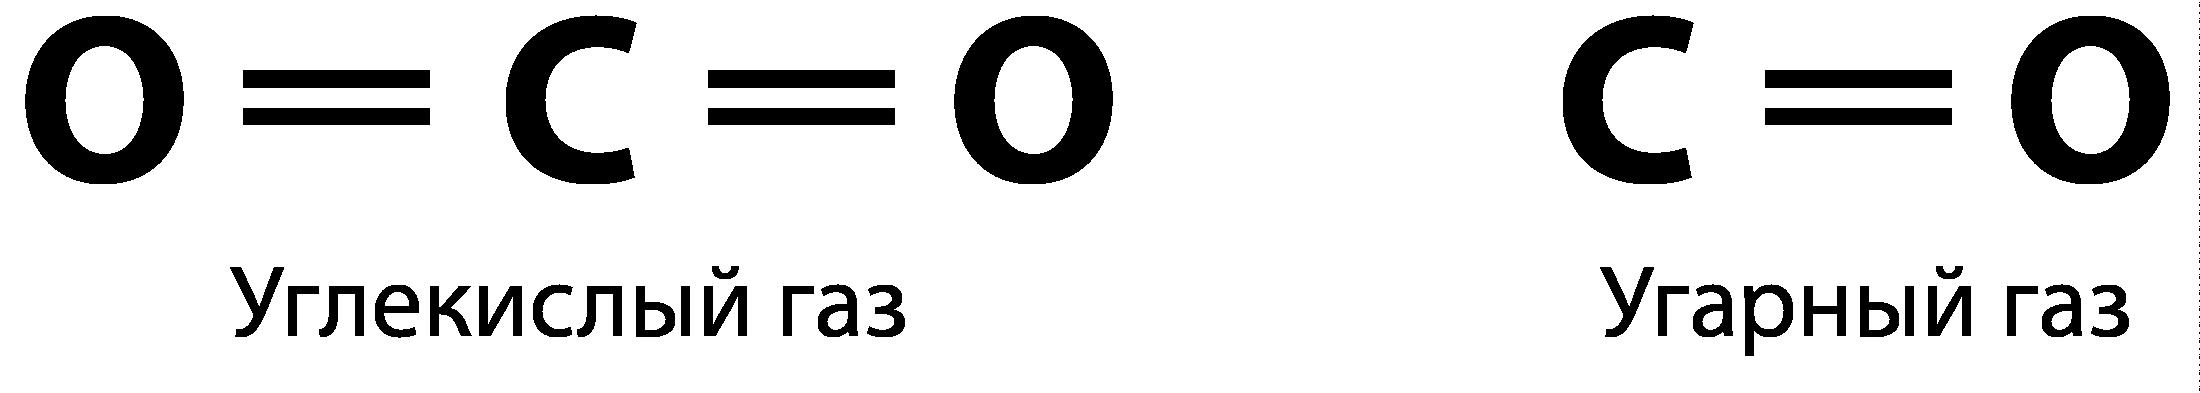 угарный газ СО и углекислый газ СO2